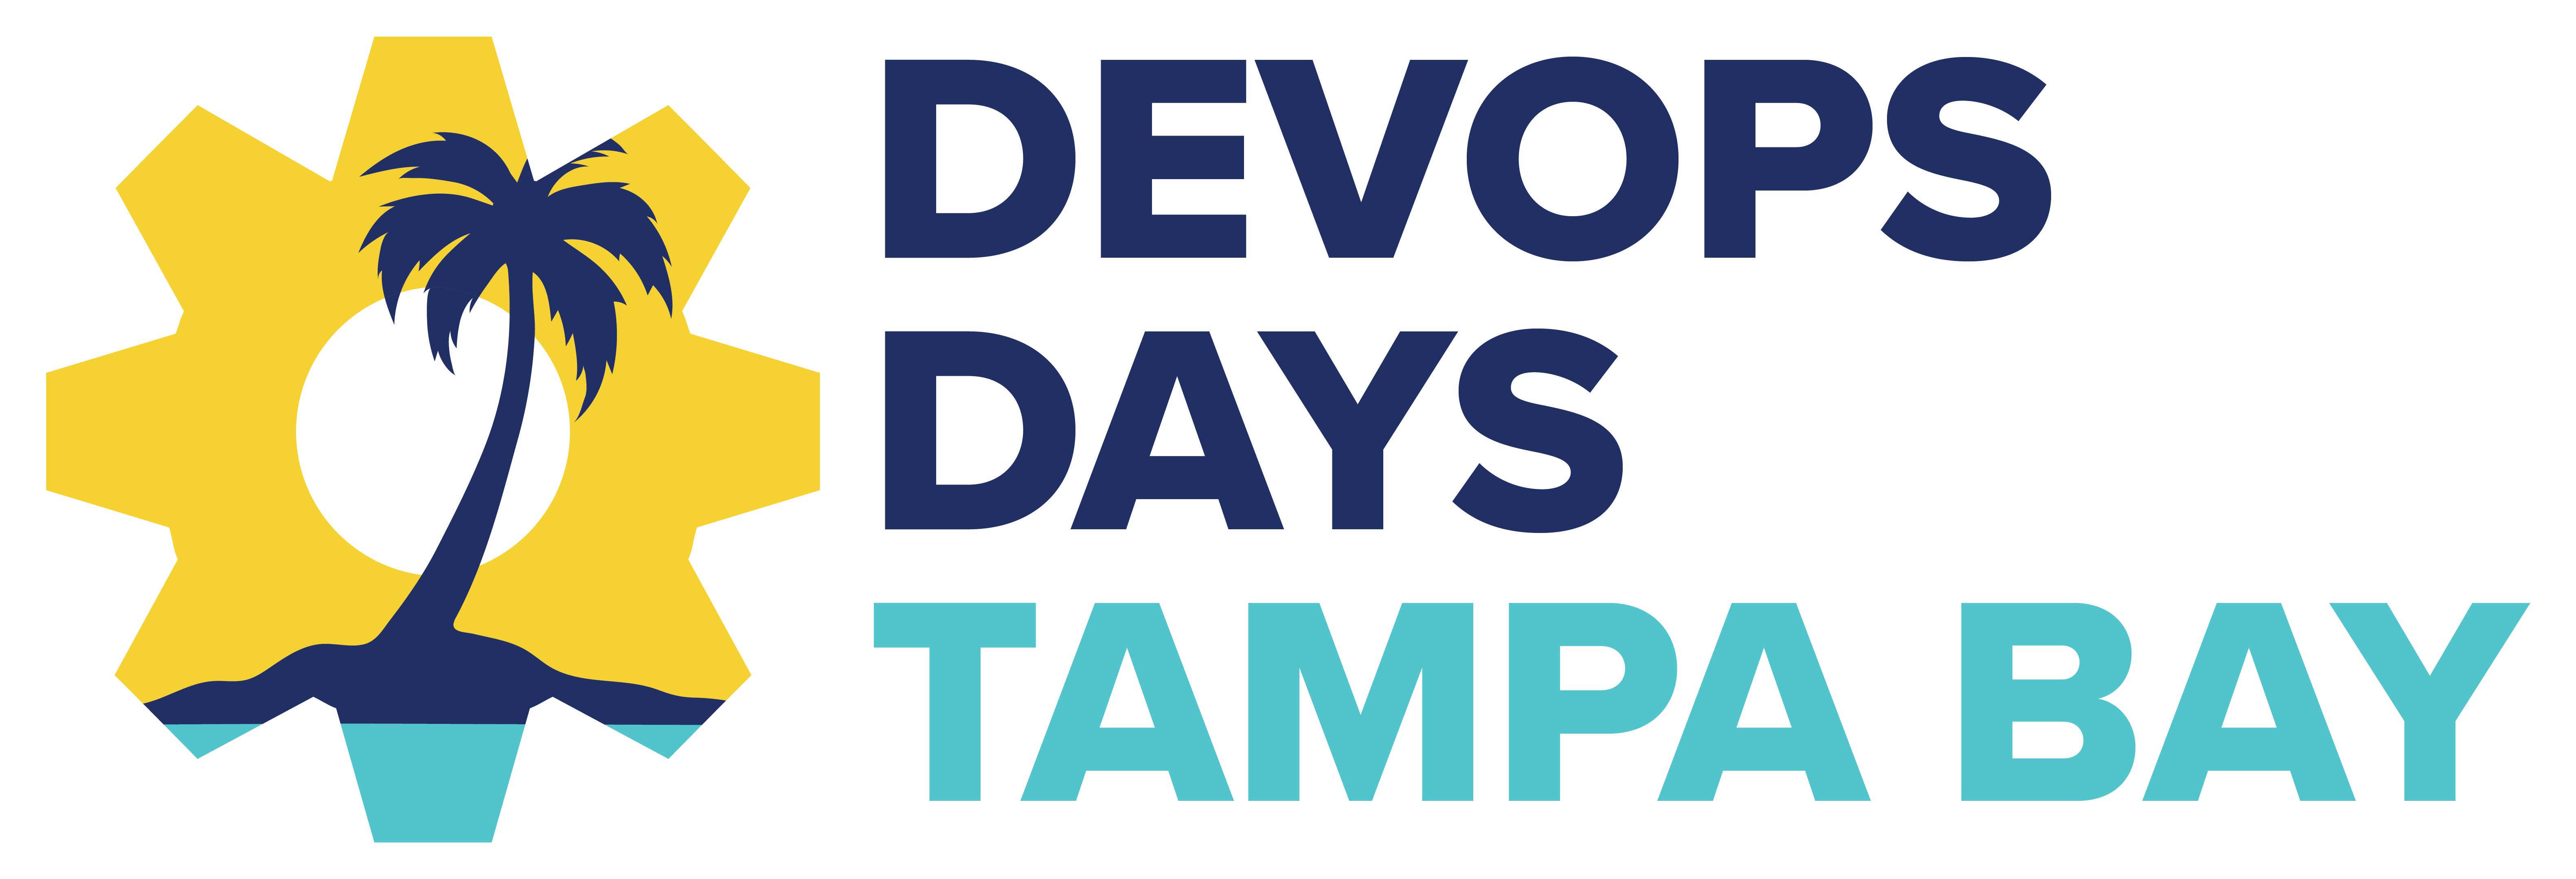 devopsdays Tampa Bay 2019